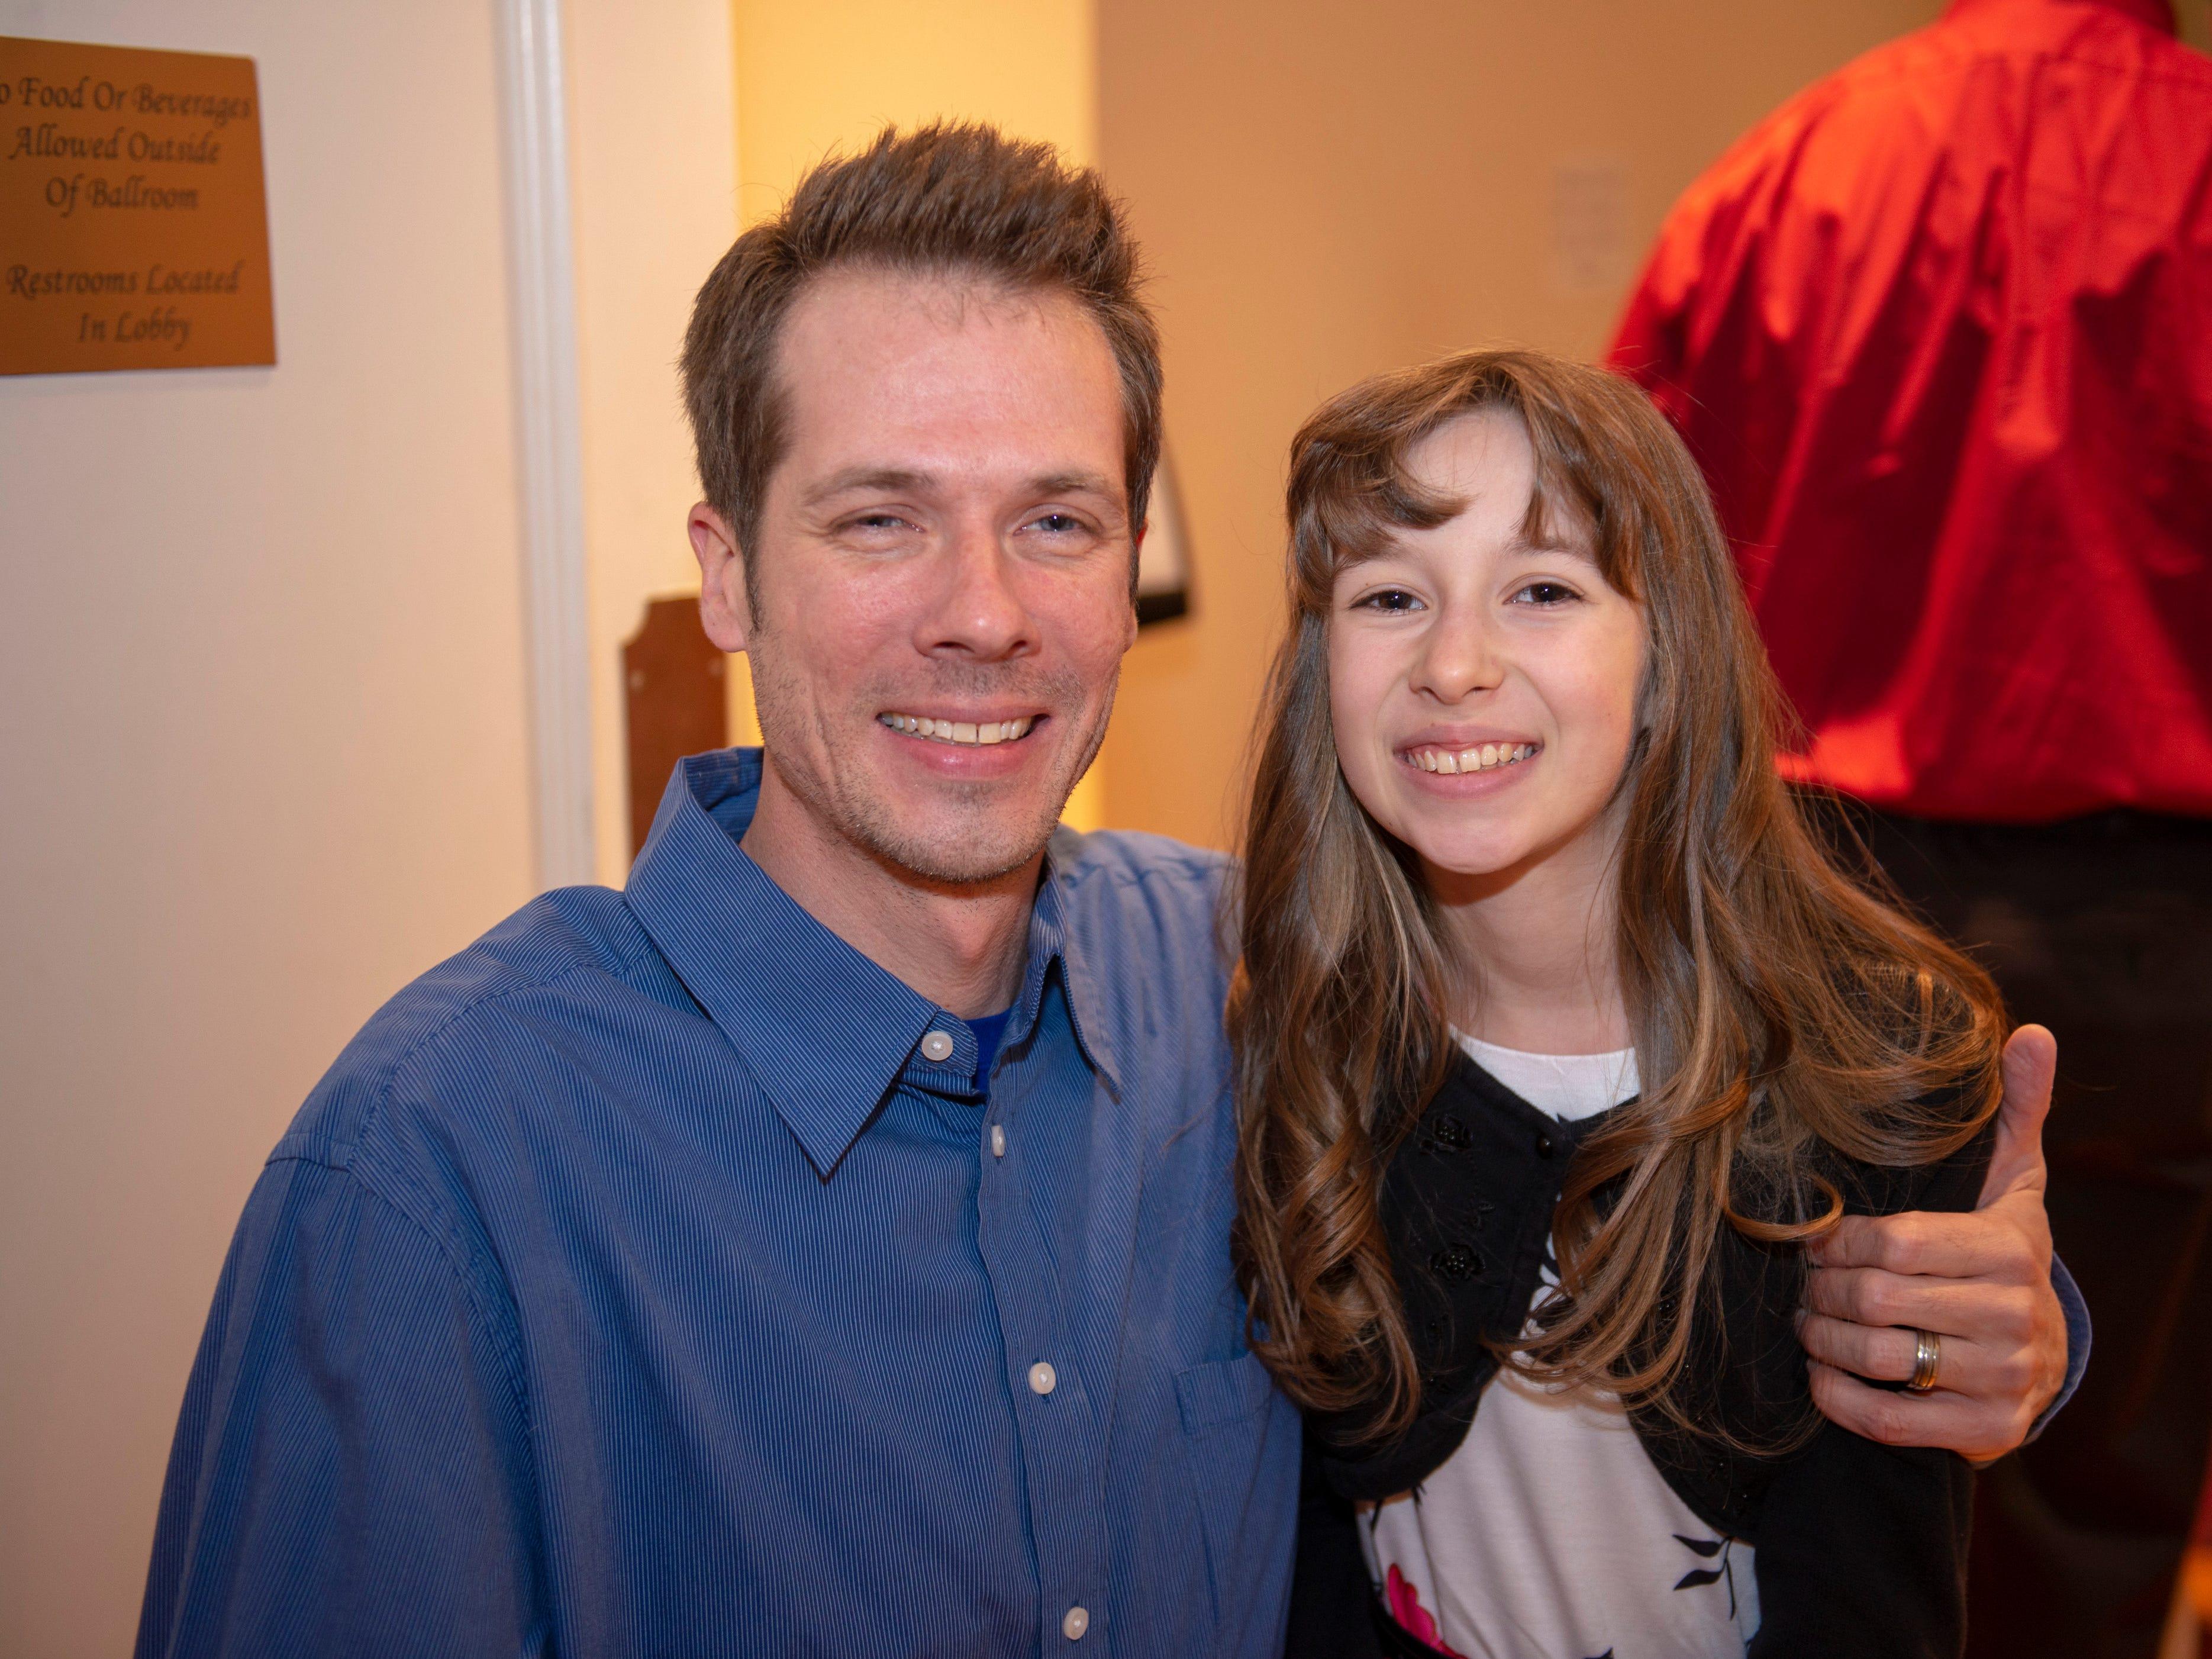 Matt and Emily